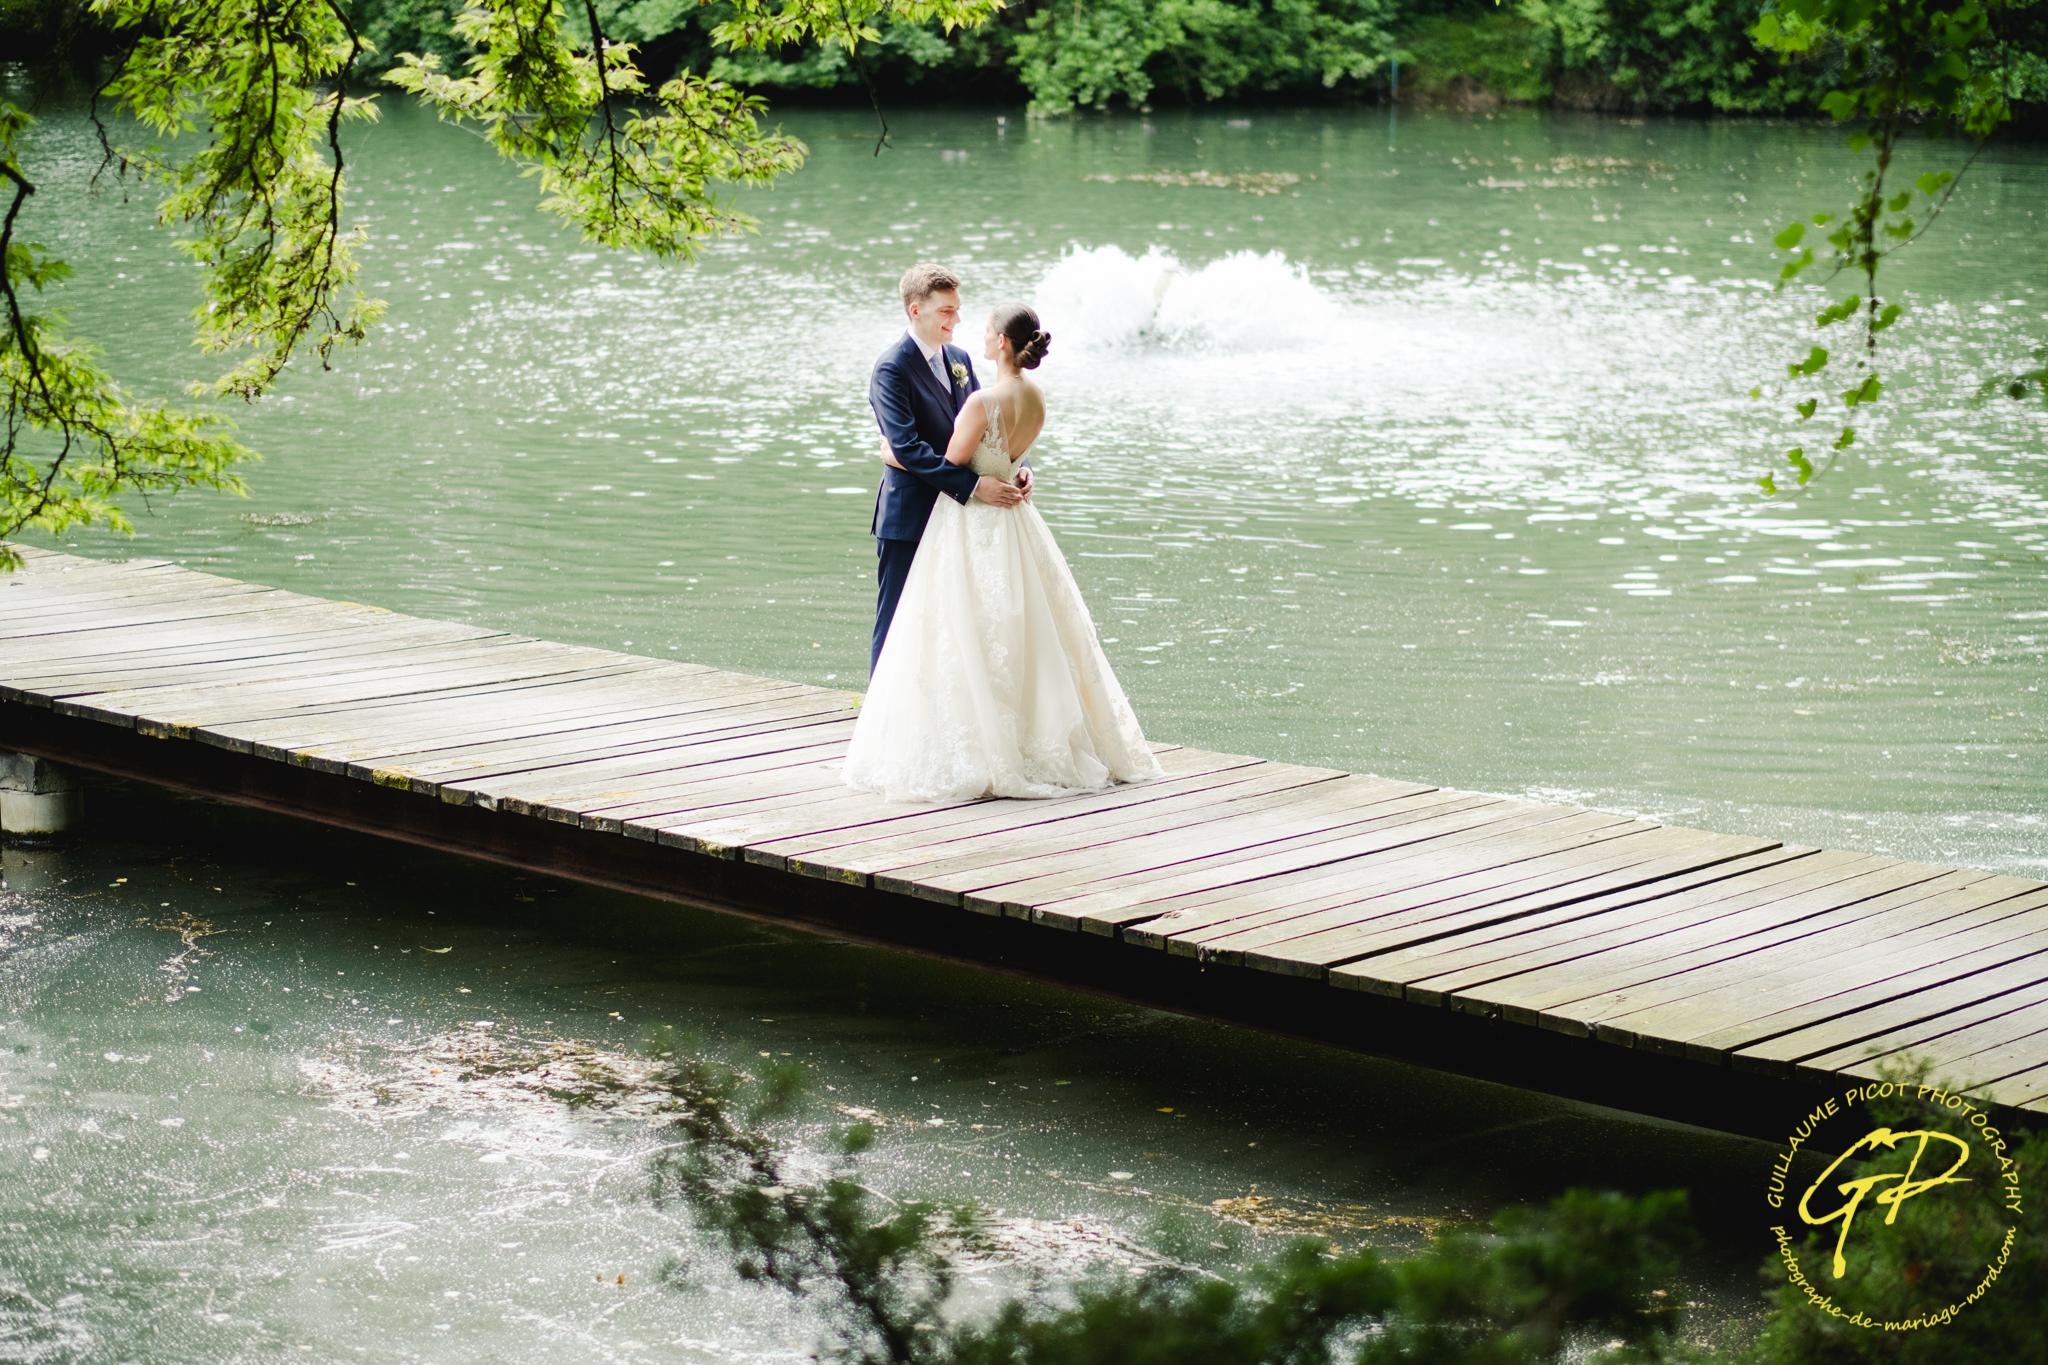 mariage chateau du biez pecq (78 sur 156)